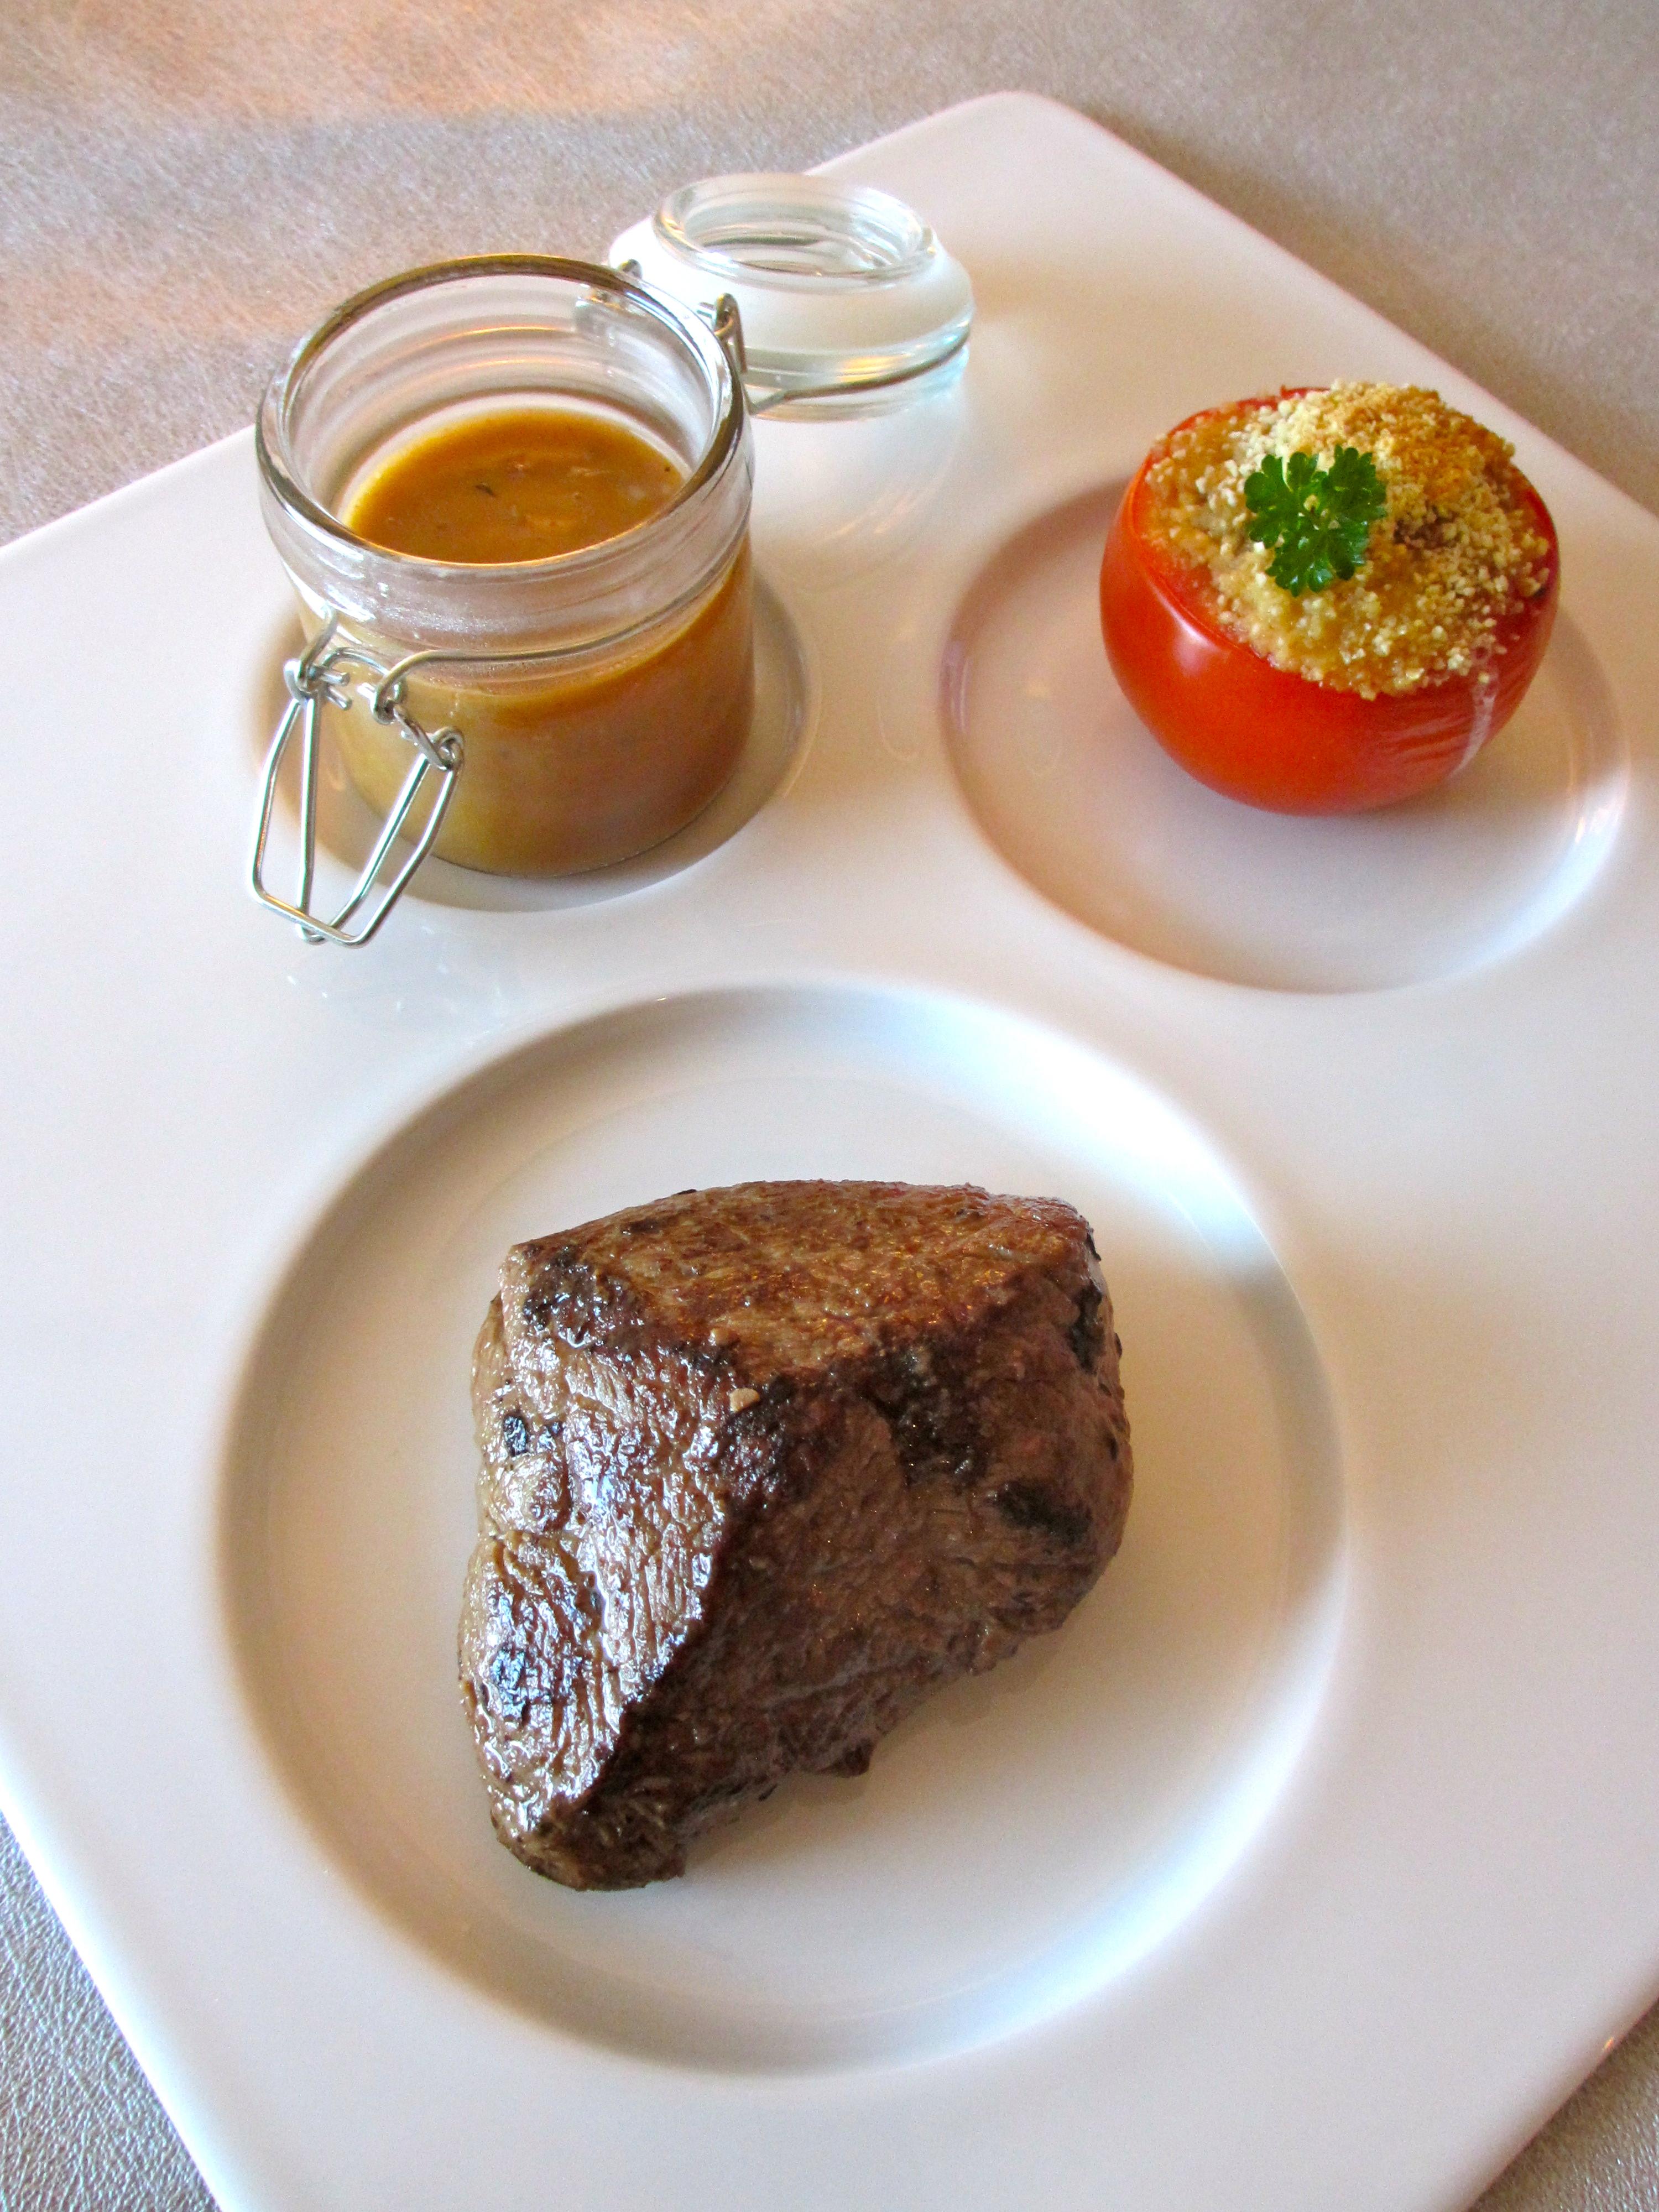 pav de boeuf l chalote et sa sauce l chalote diet d lices recettes diet tiques. Black Bedroom Furniture Sets. Home Design Ideas